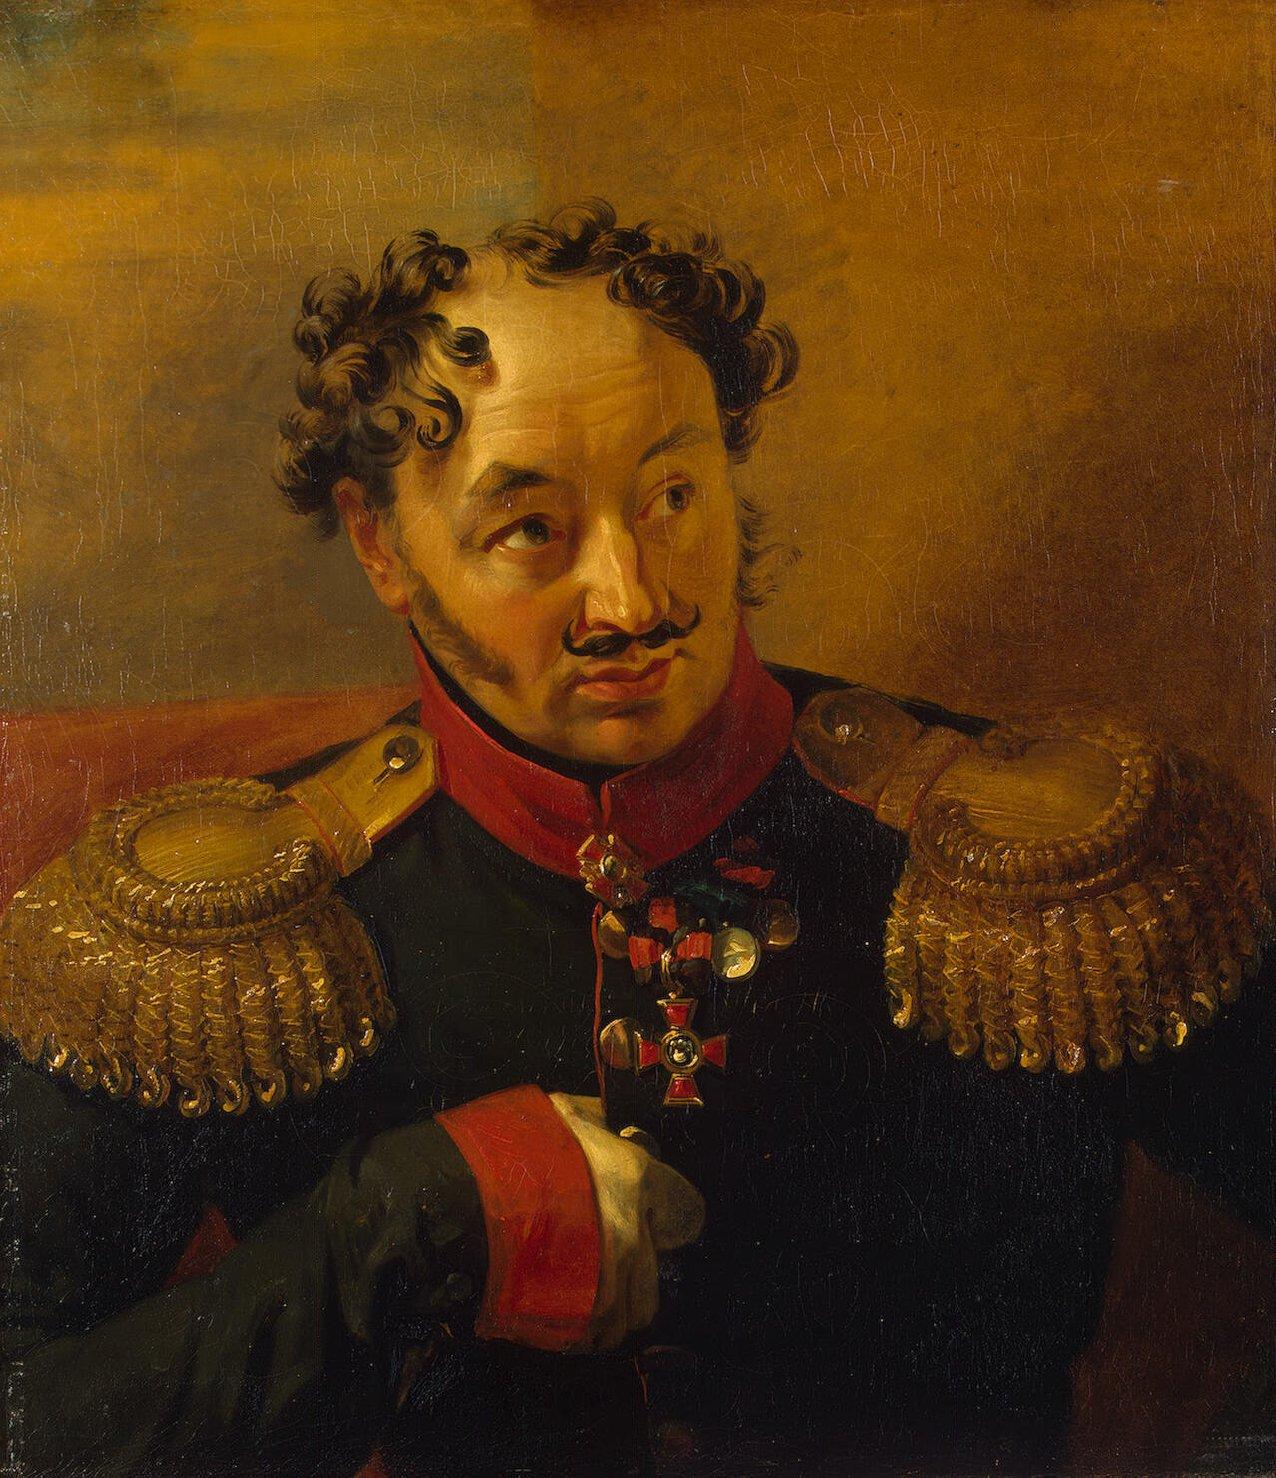 Рылеев, Александр Николаевич